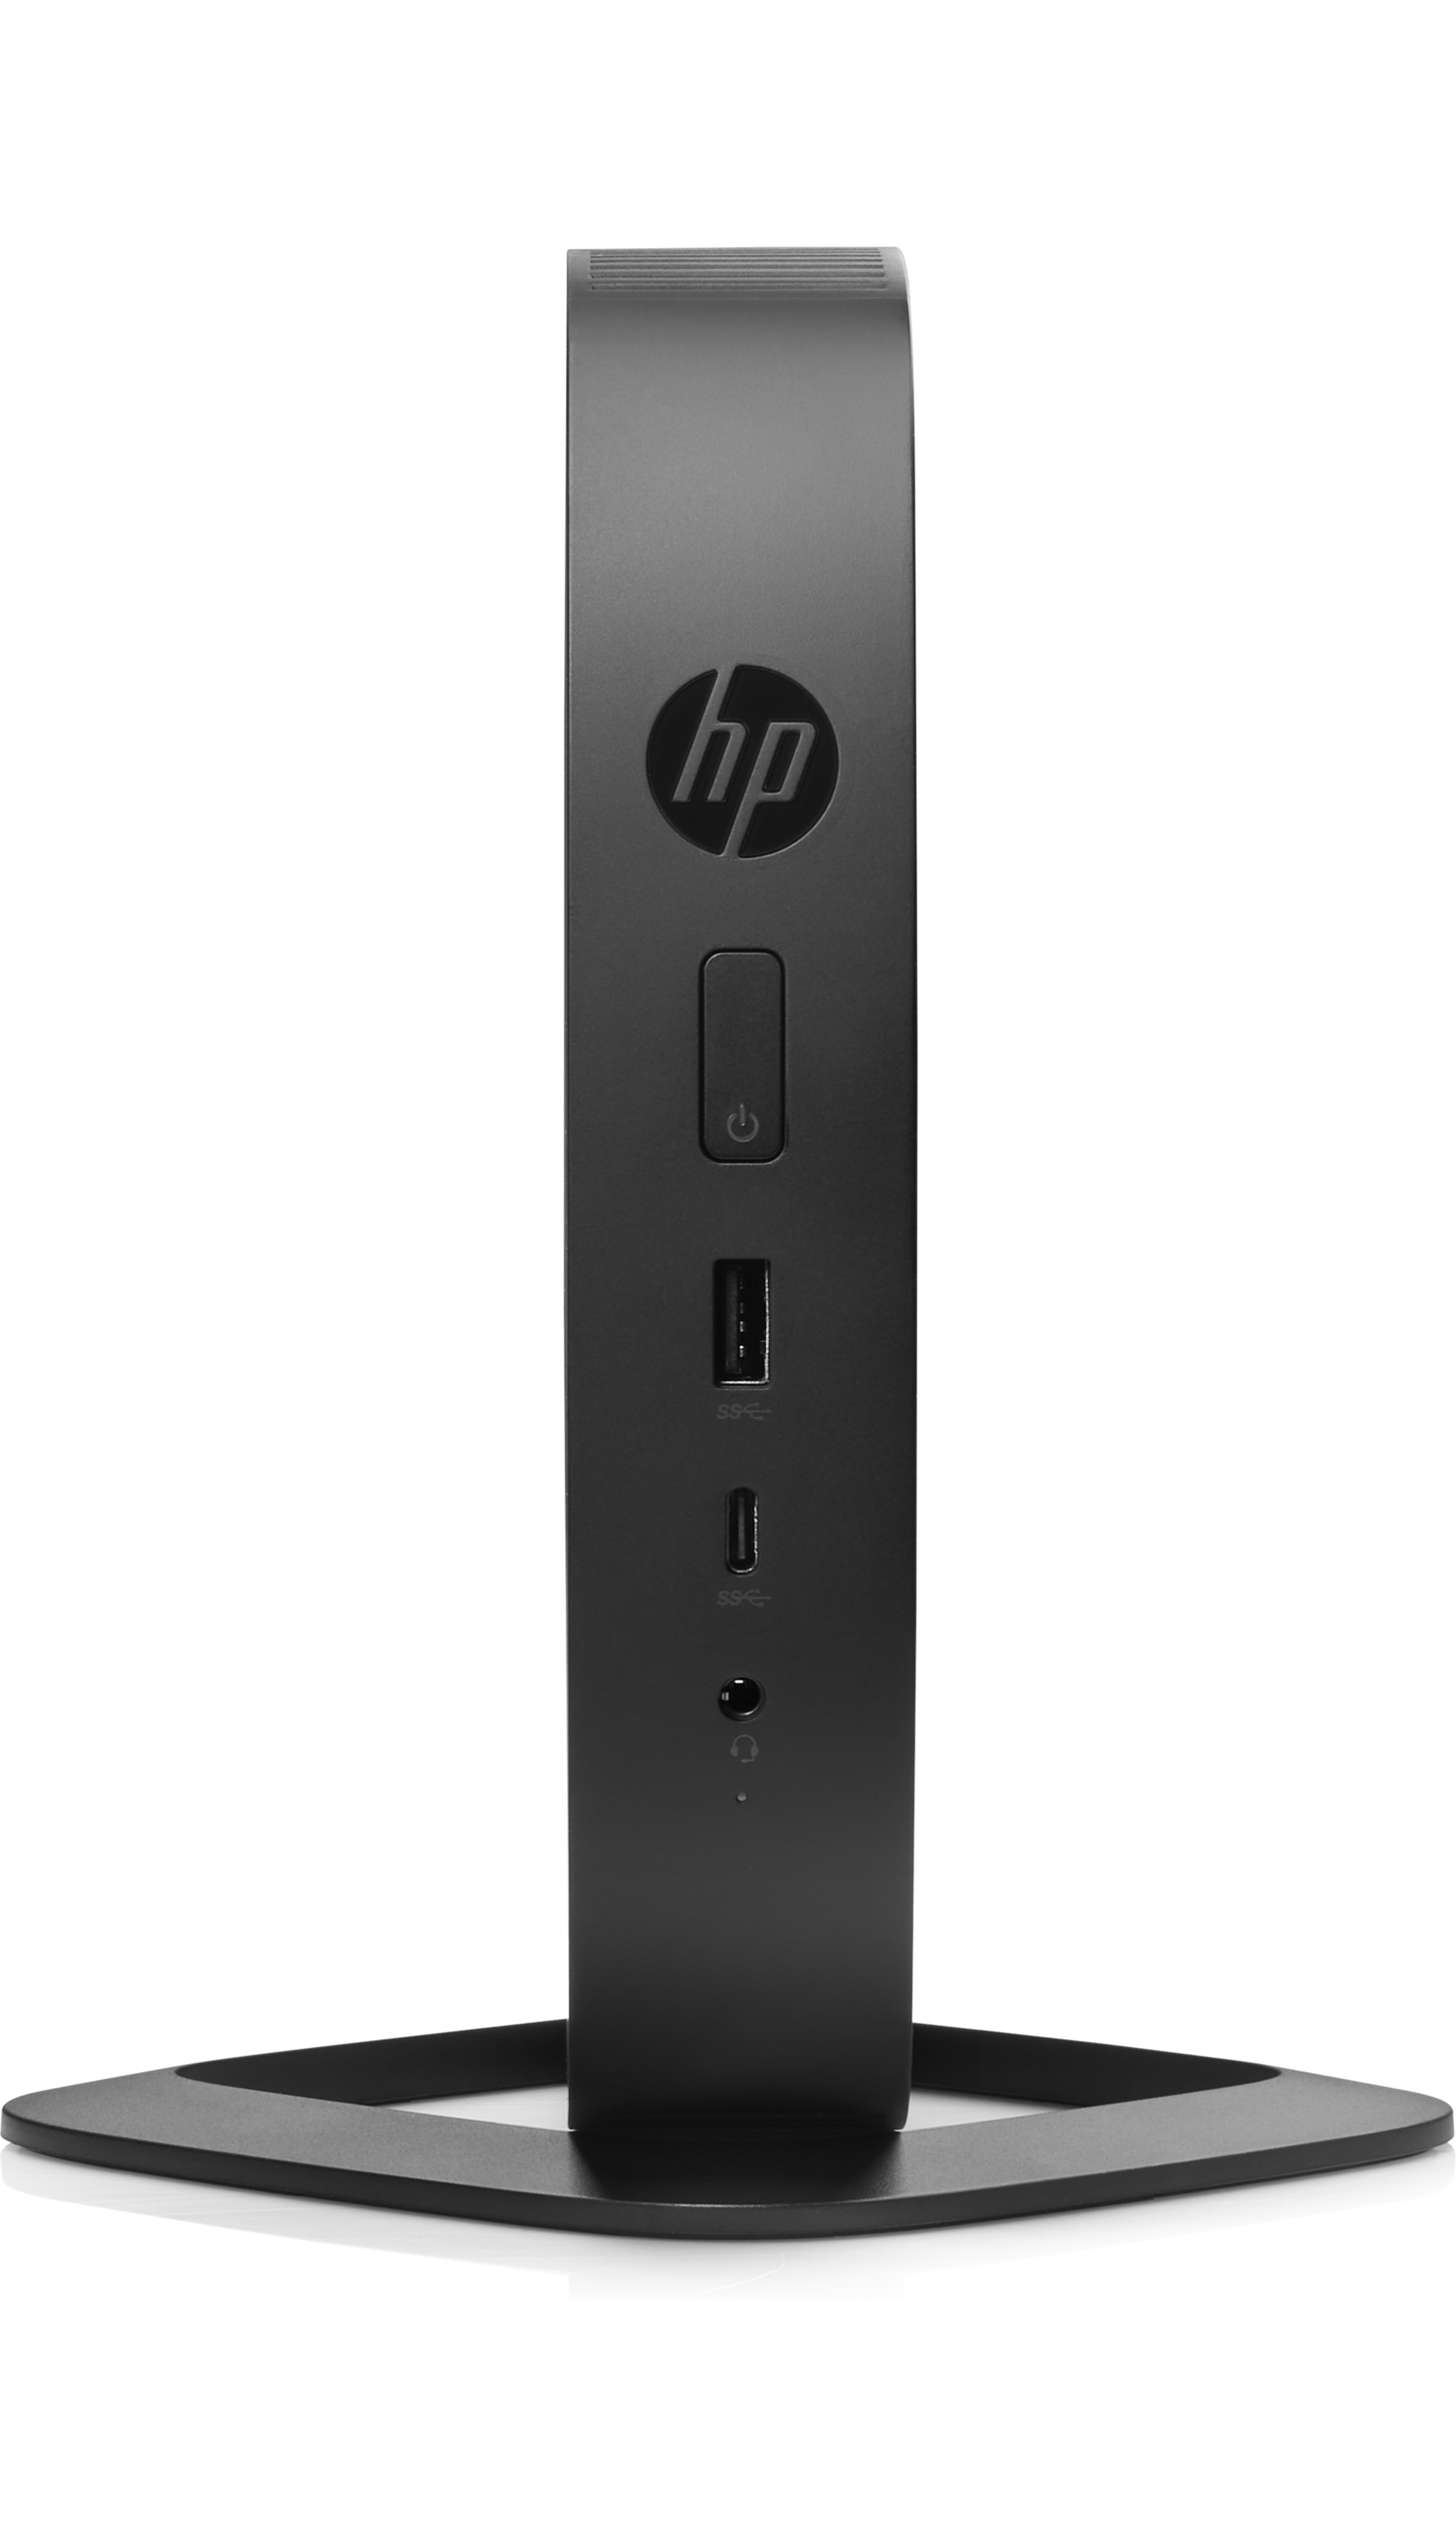 Hewlett-Packard, T530, AMD, GX-215J, 4GB, 8GB, SMART, ZERO,